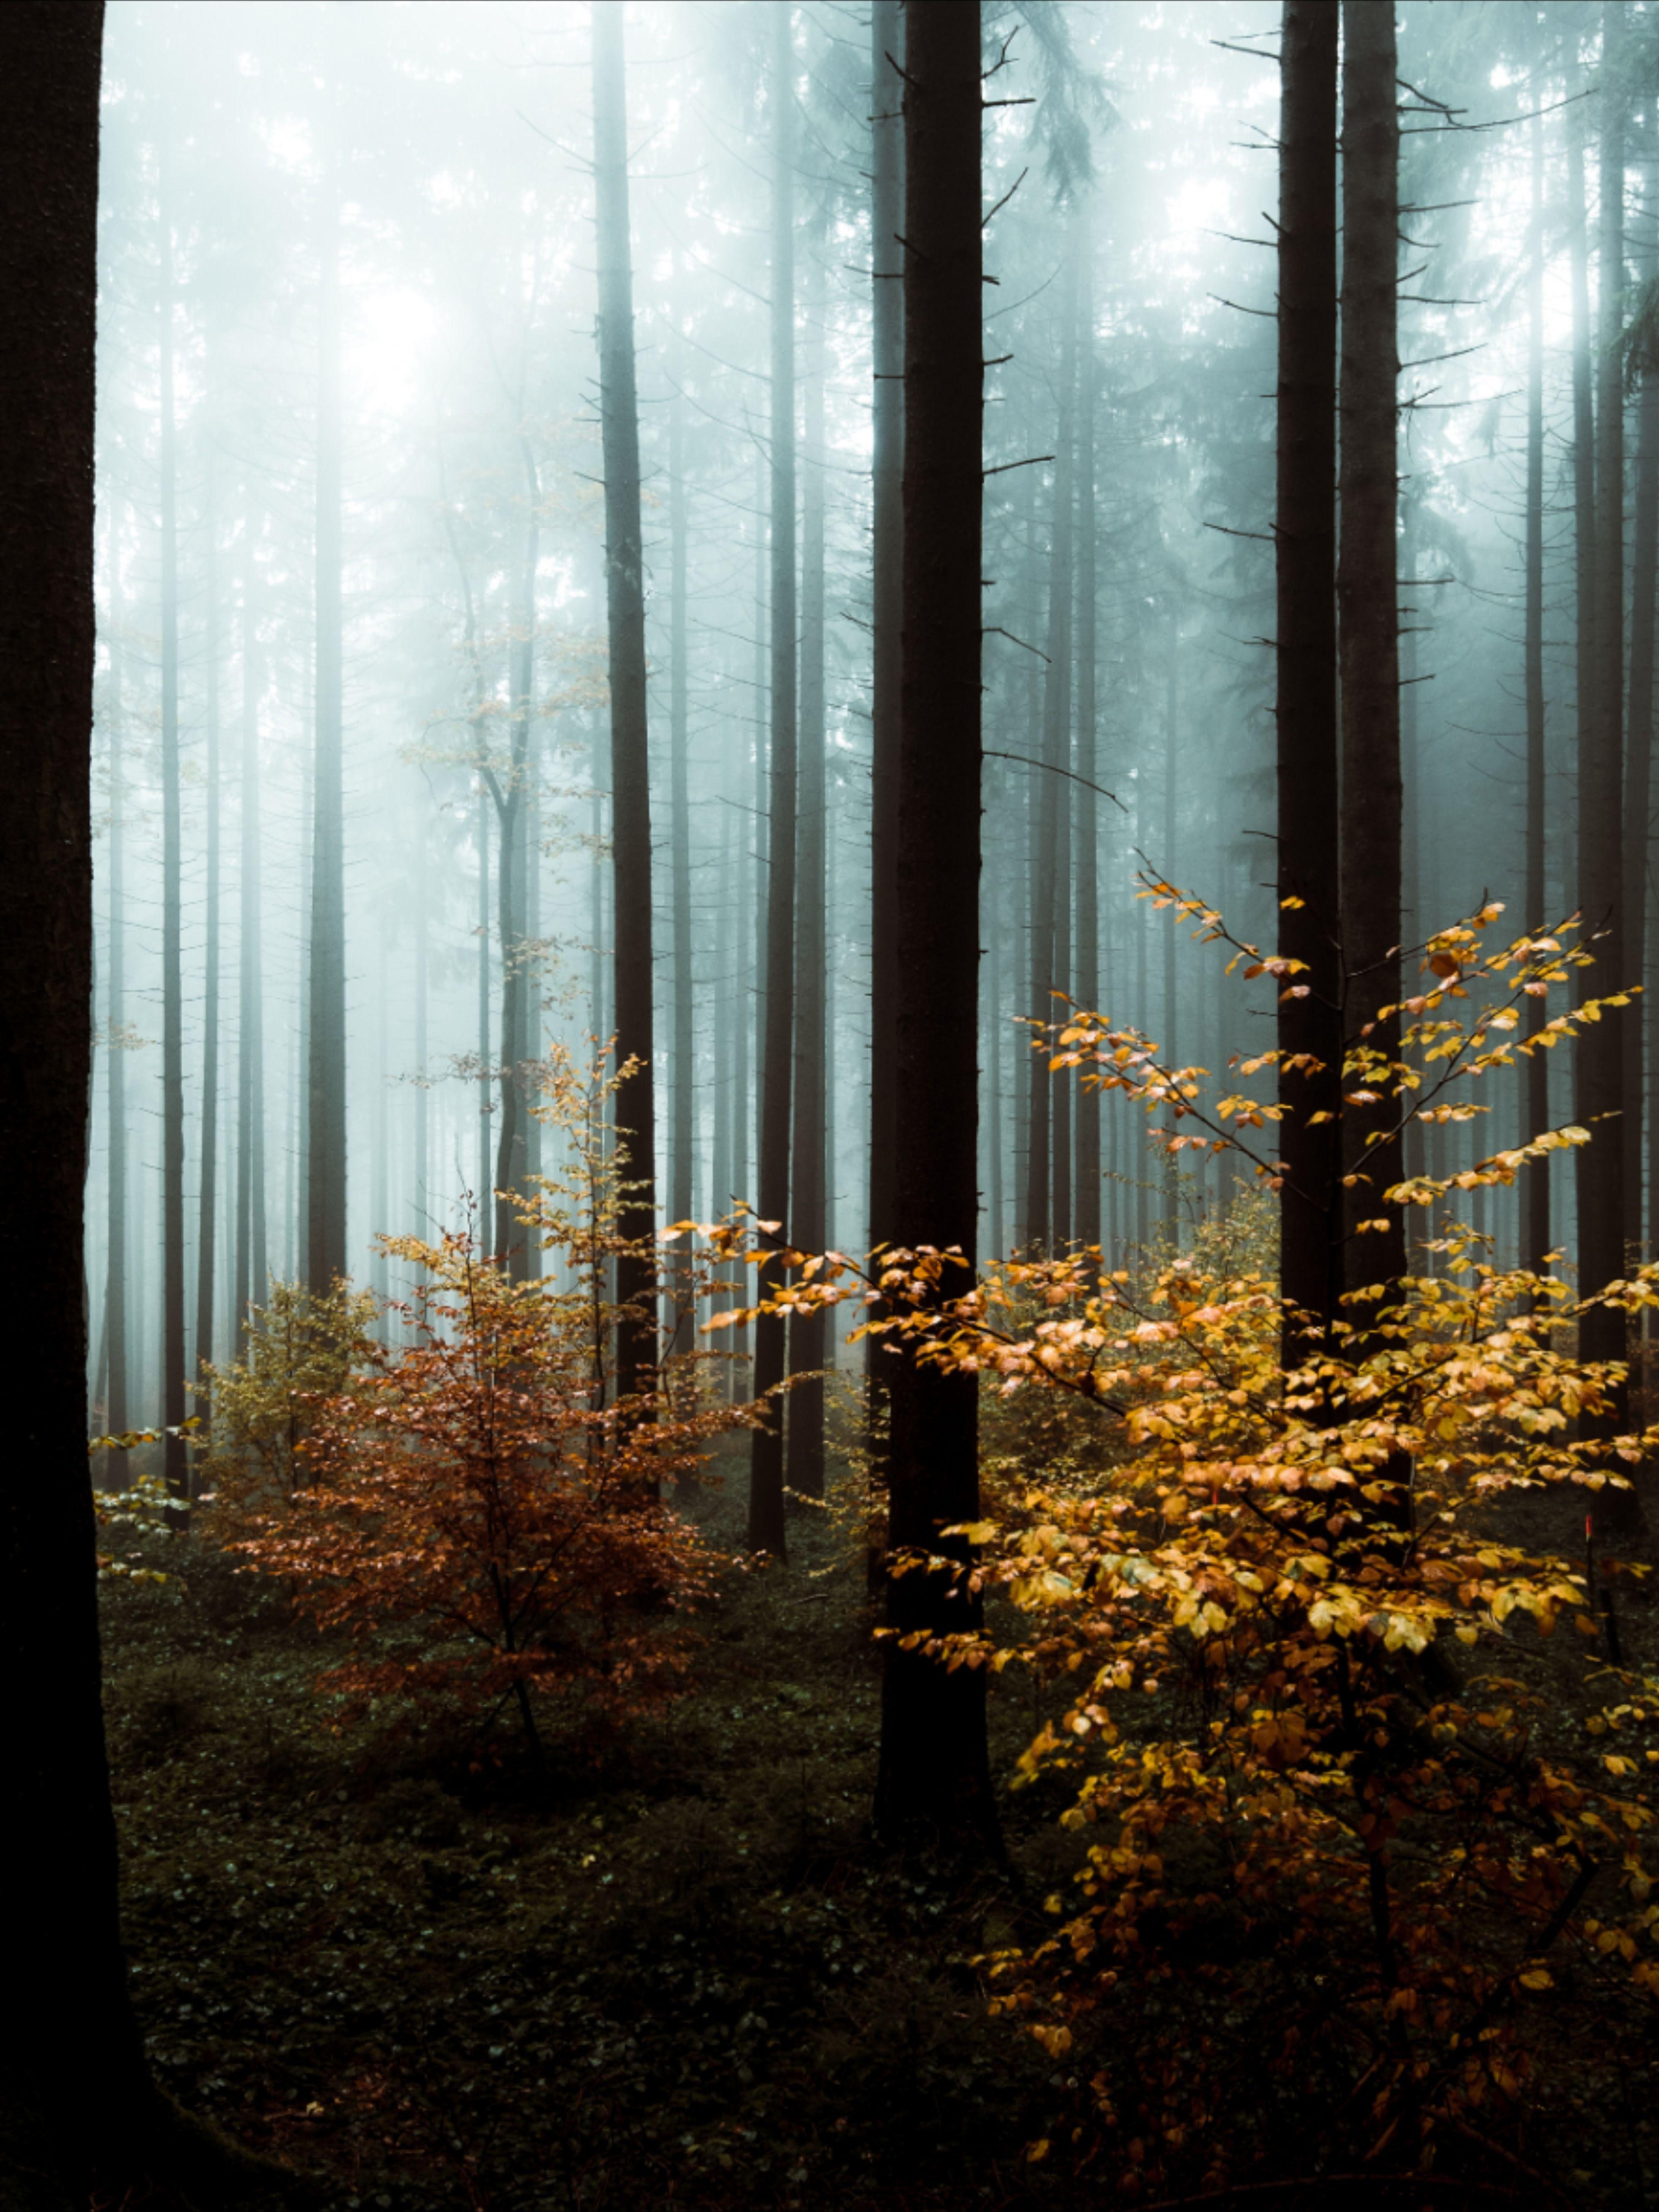 Dark Moody Lightroom Presets For Landscape Photography Lightroom Presets Landscape Photography Landscape